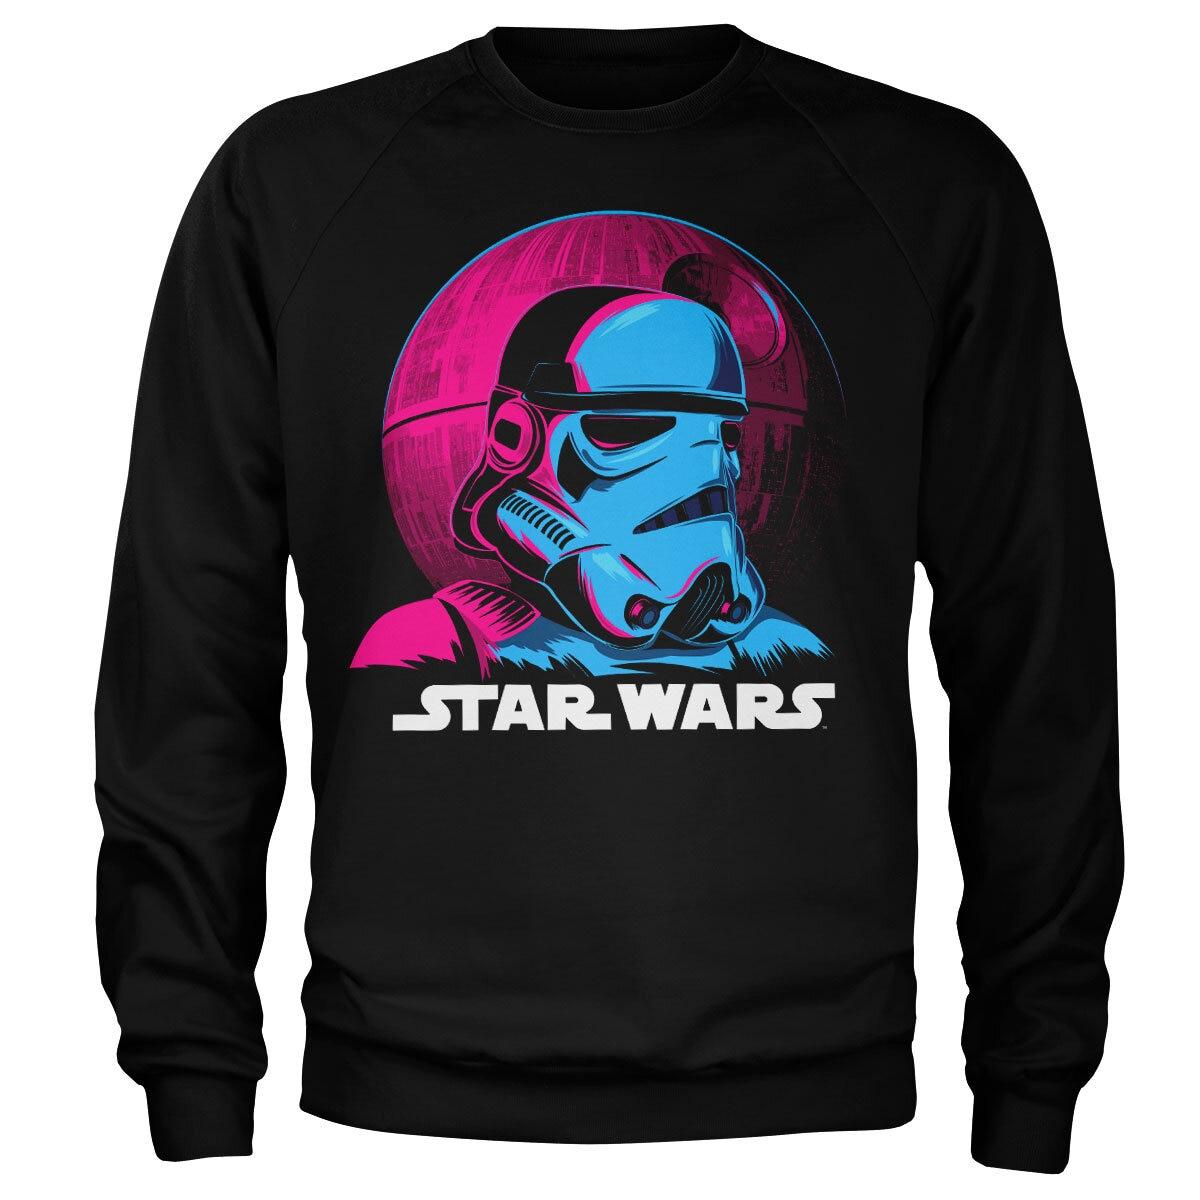 Star Wars - Colorful Trooper Sweatshirt